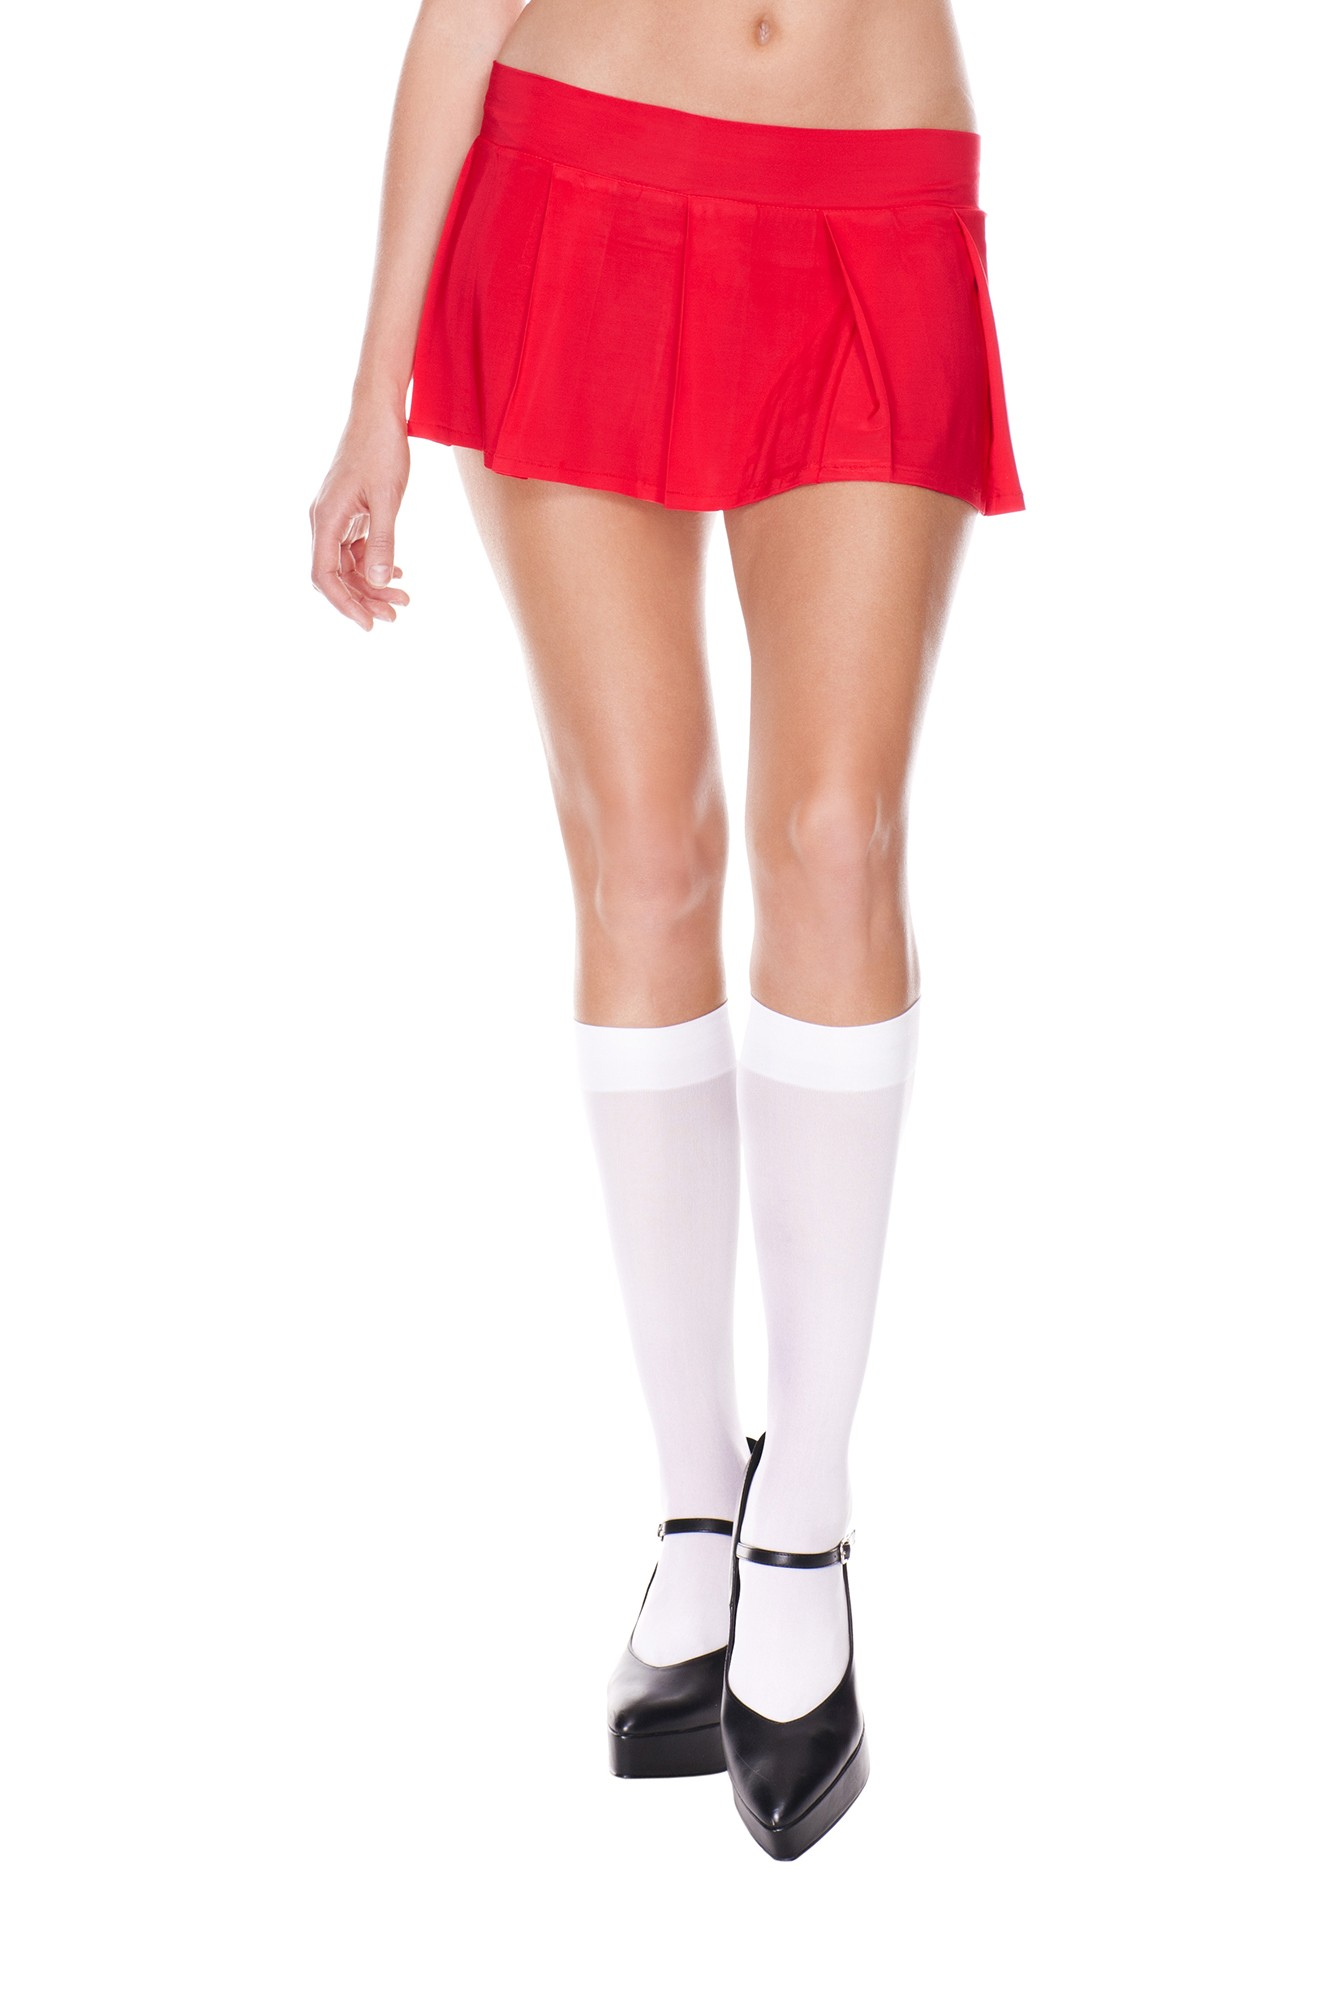 Pleated spandex mini skirt red 25075 Edmonton